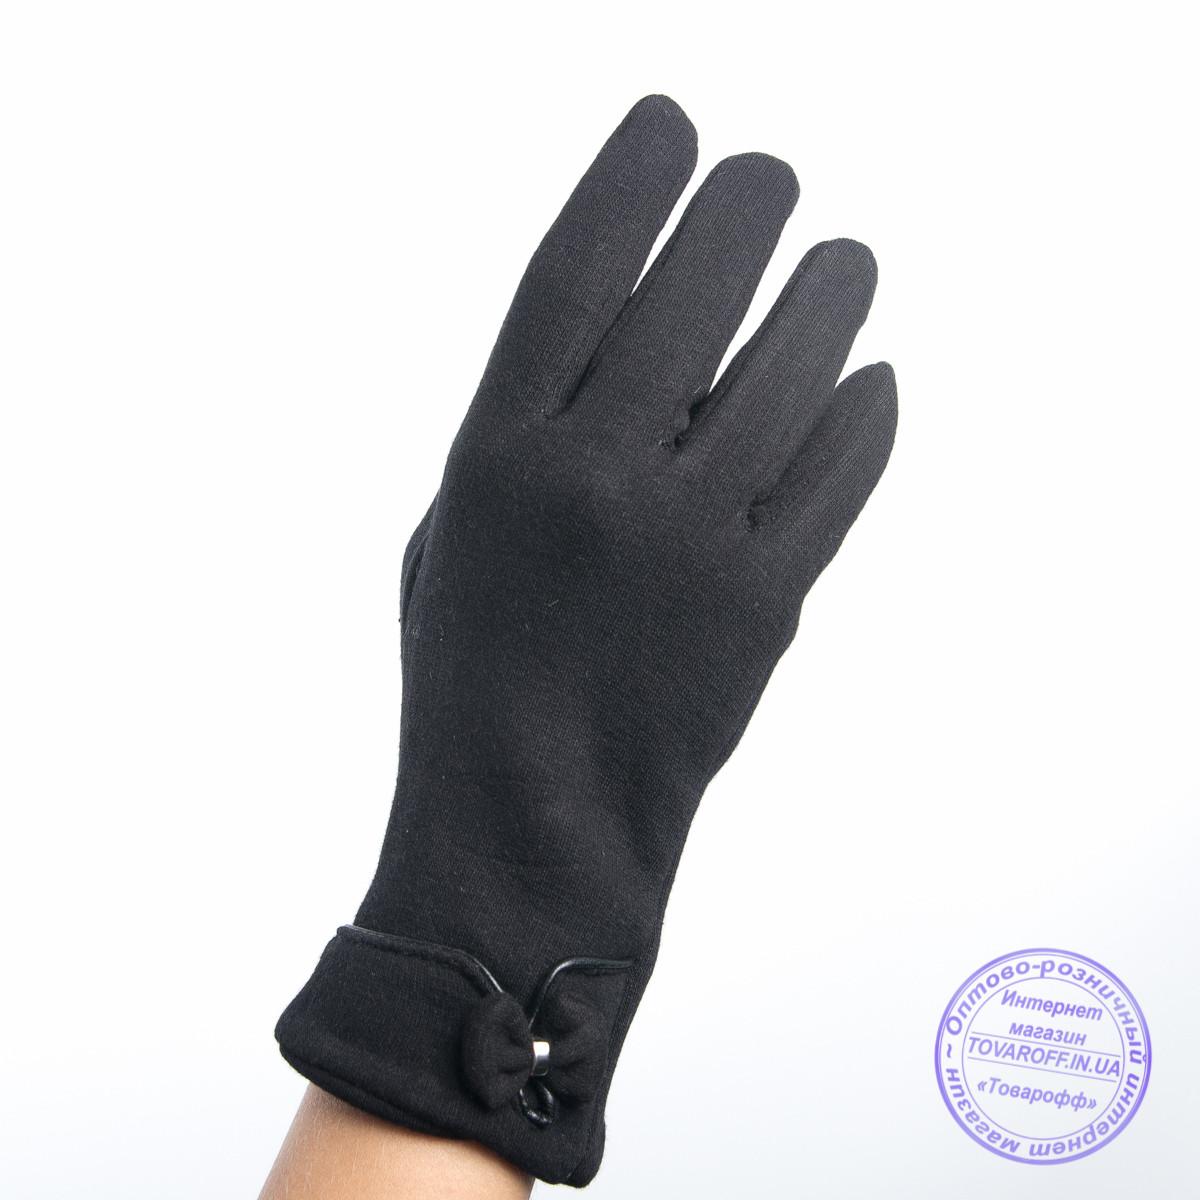 Оптом женские трикотажные перчатки с плюшевым утеплителем - F30-7